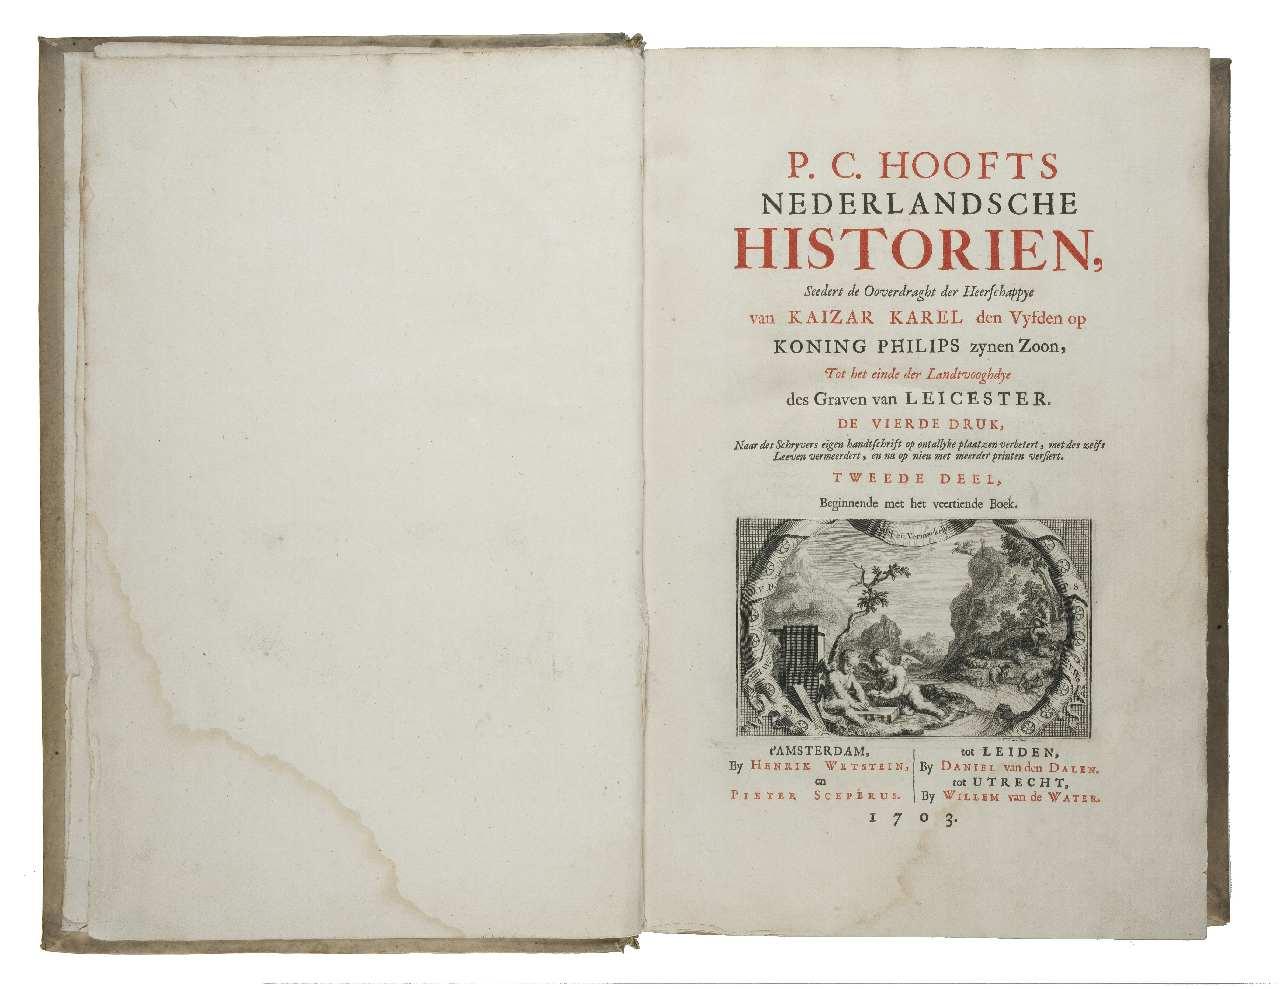 Neerlandse geschiedenis topstuk P.C. Hooft